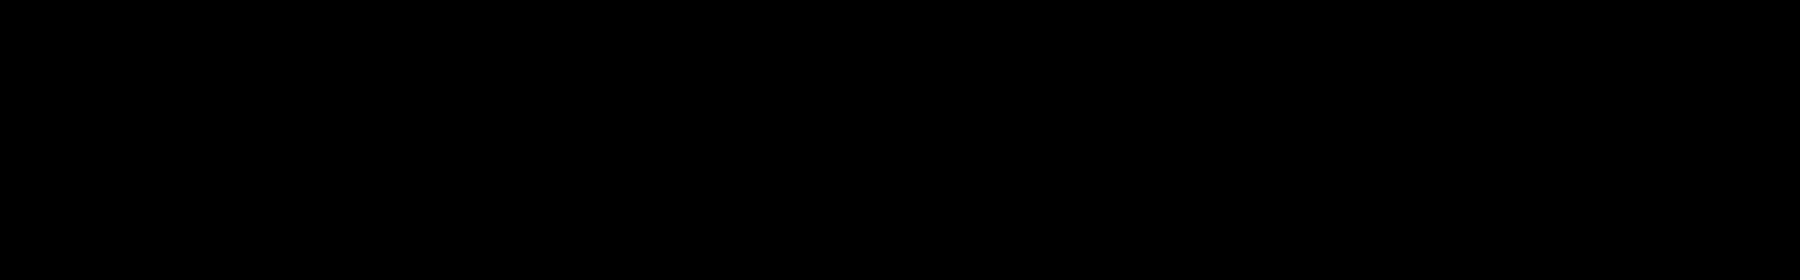 Shock!: Downlifters audio waveform